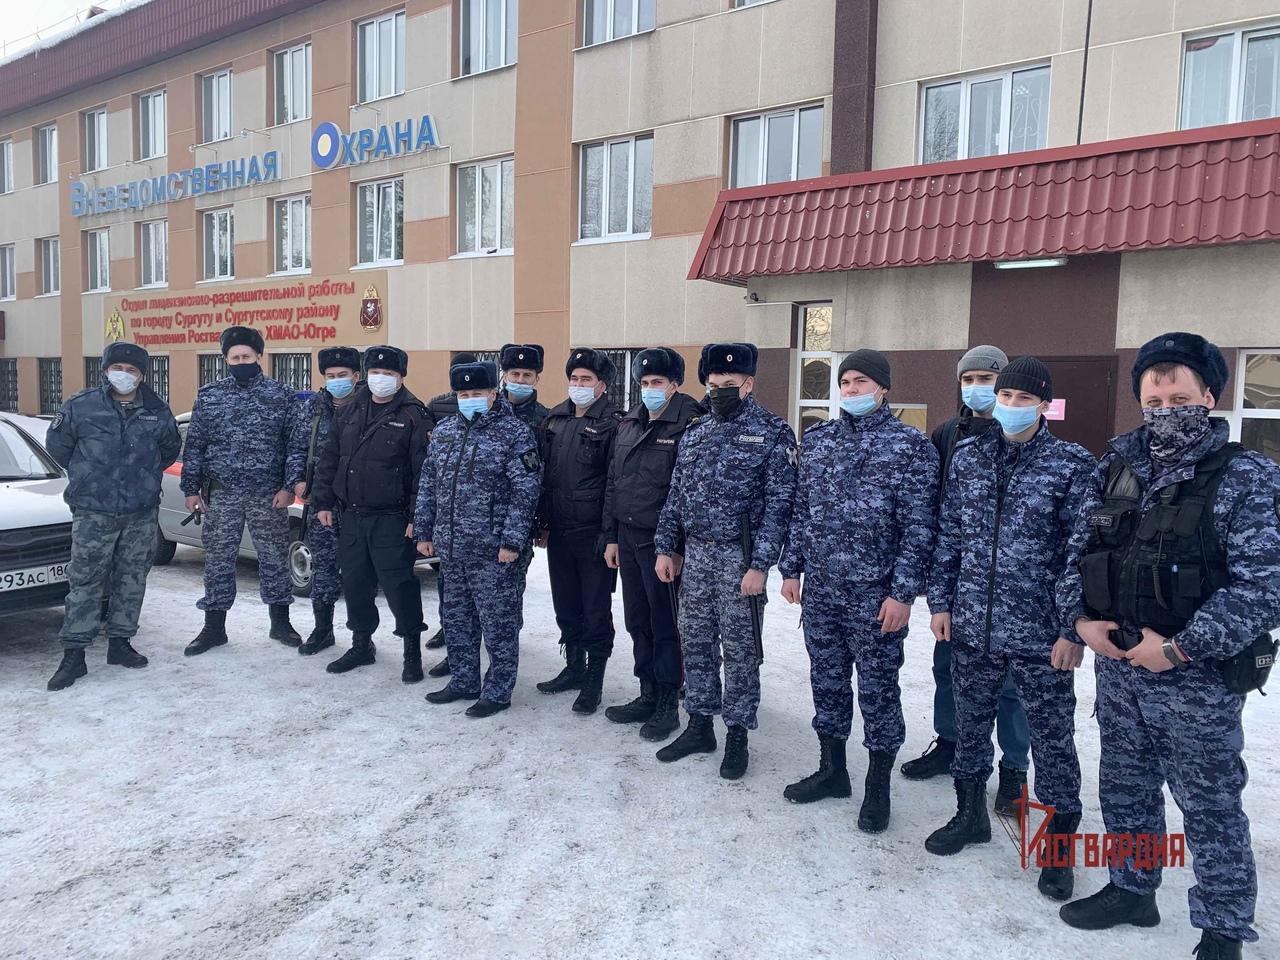 Батальон полиции вневедомственной охраны Сургута отметил 27-ю годовщину со дня образования